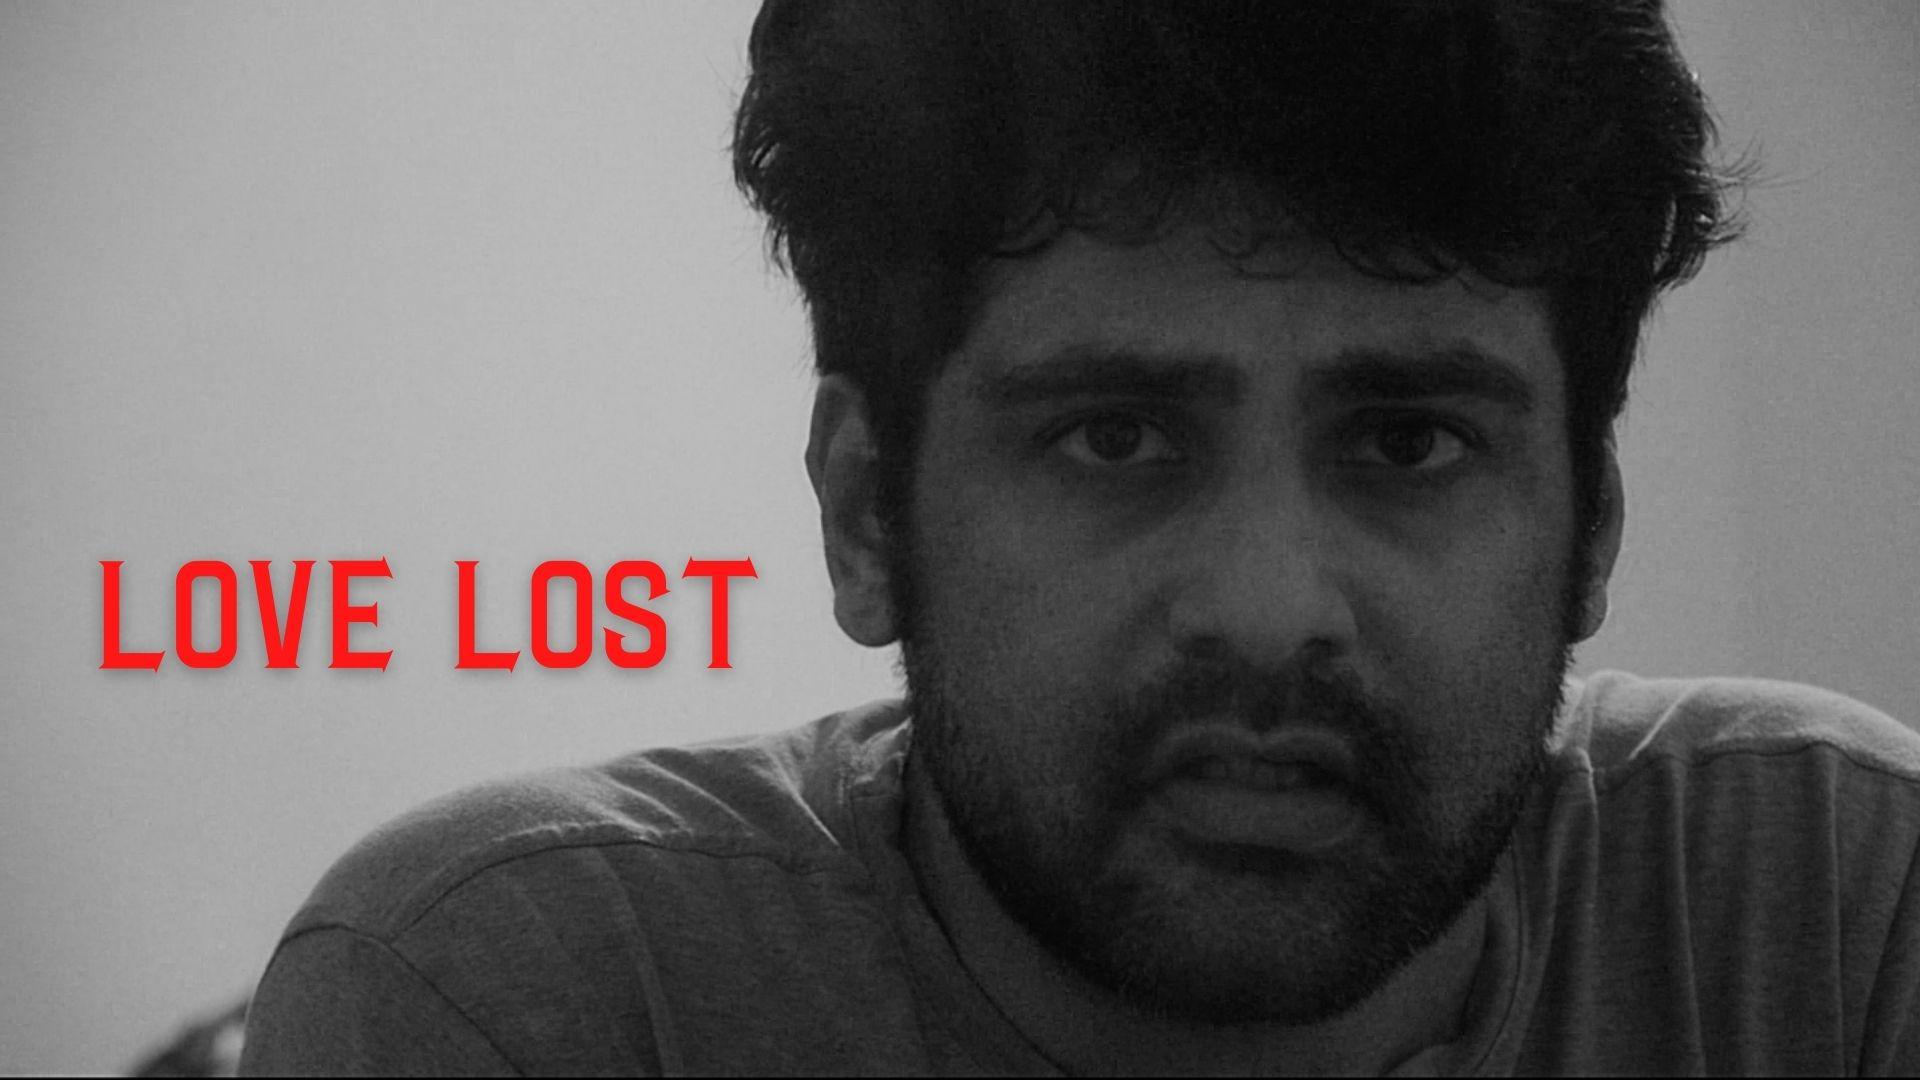 Love Lost - MY RODE REEL 2020 #MYRODEREEL2020